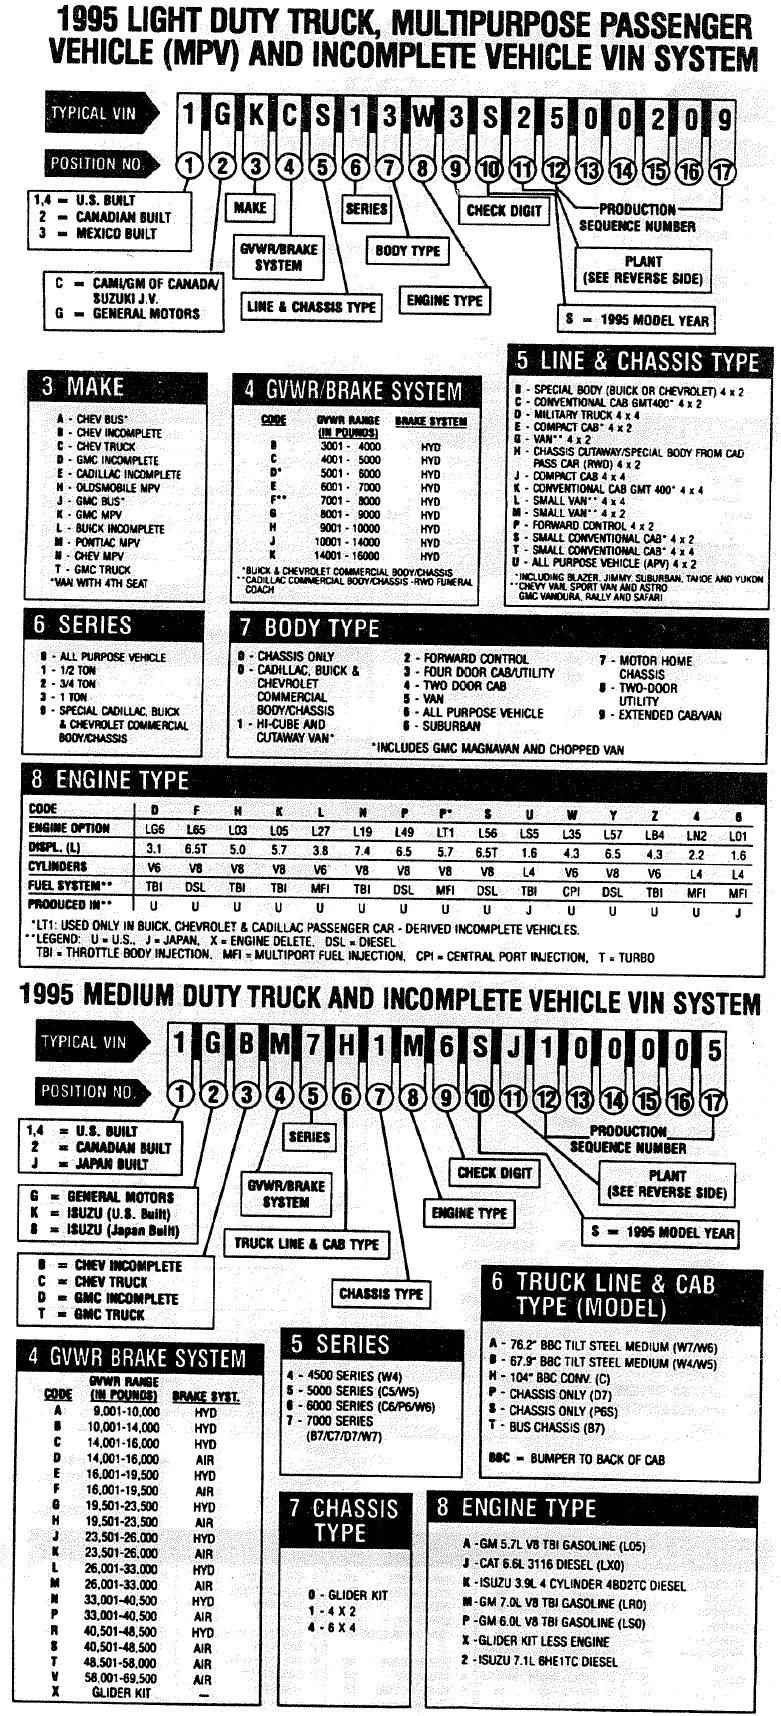 1951 Chevy Truck Vin Decoder